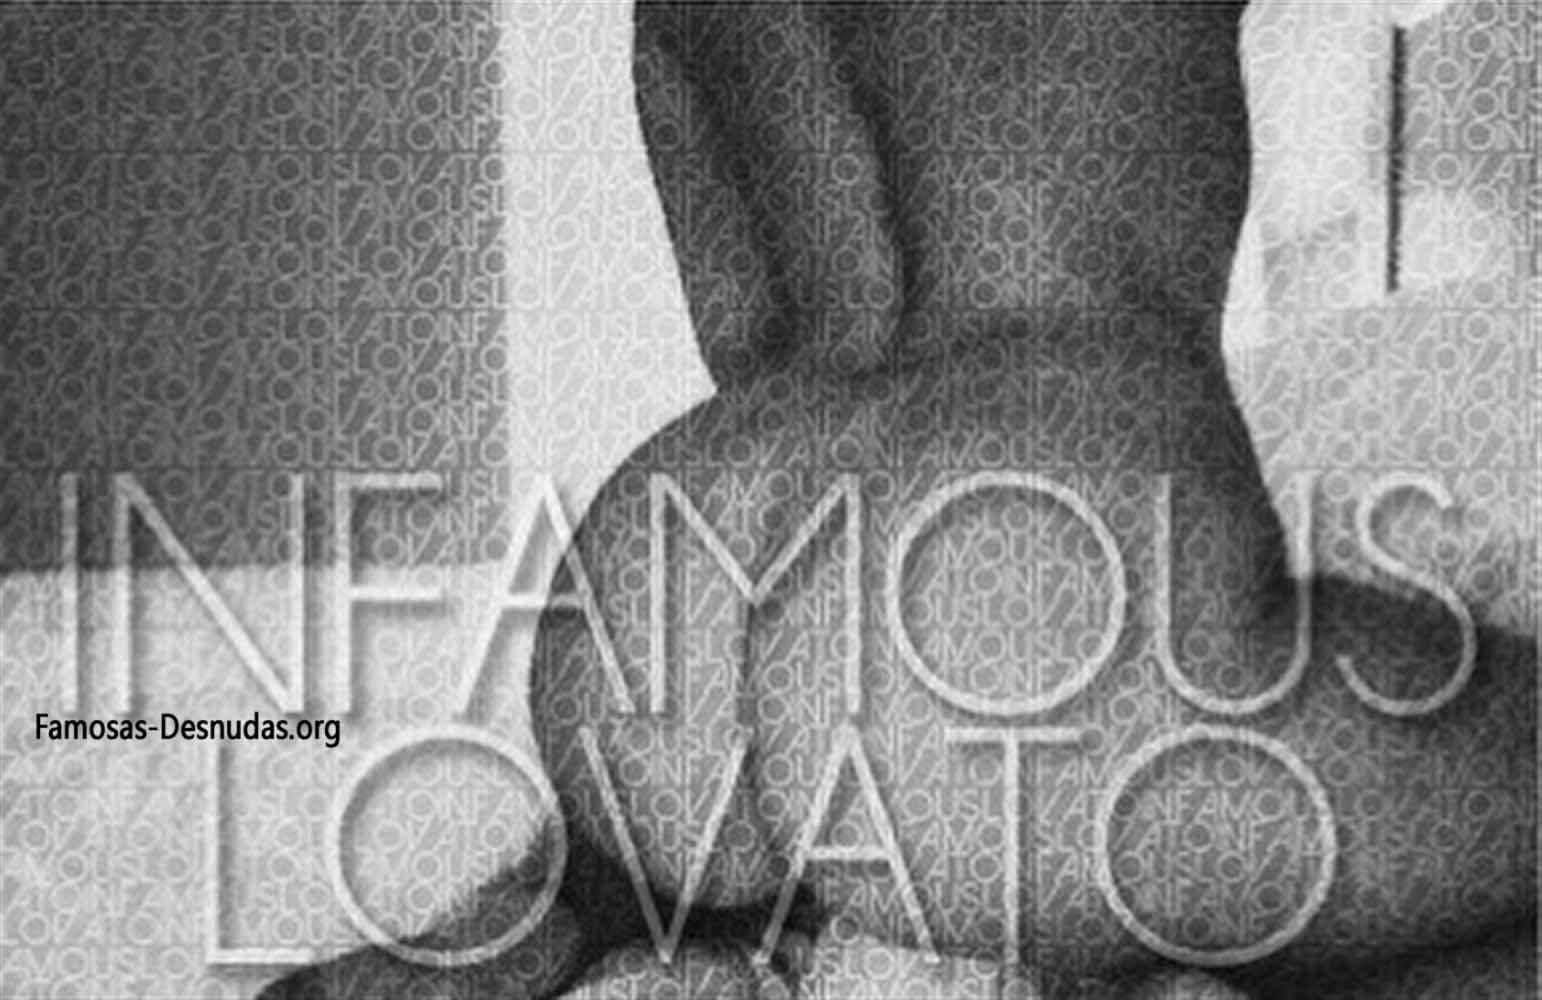 Demi Lovato xxx Fotos Hackeadas de su Movil -famosas-desnudas-celebrity-porn-descuidos-cantantes-top-imagenes-celebridades-sin-ropa (13)